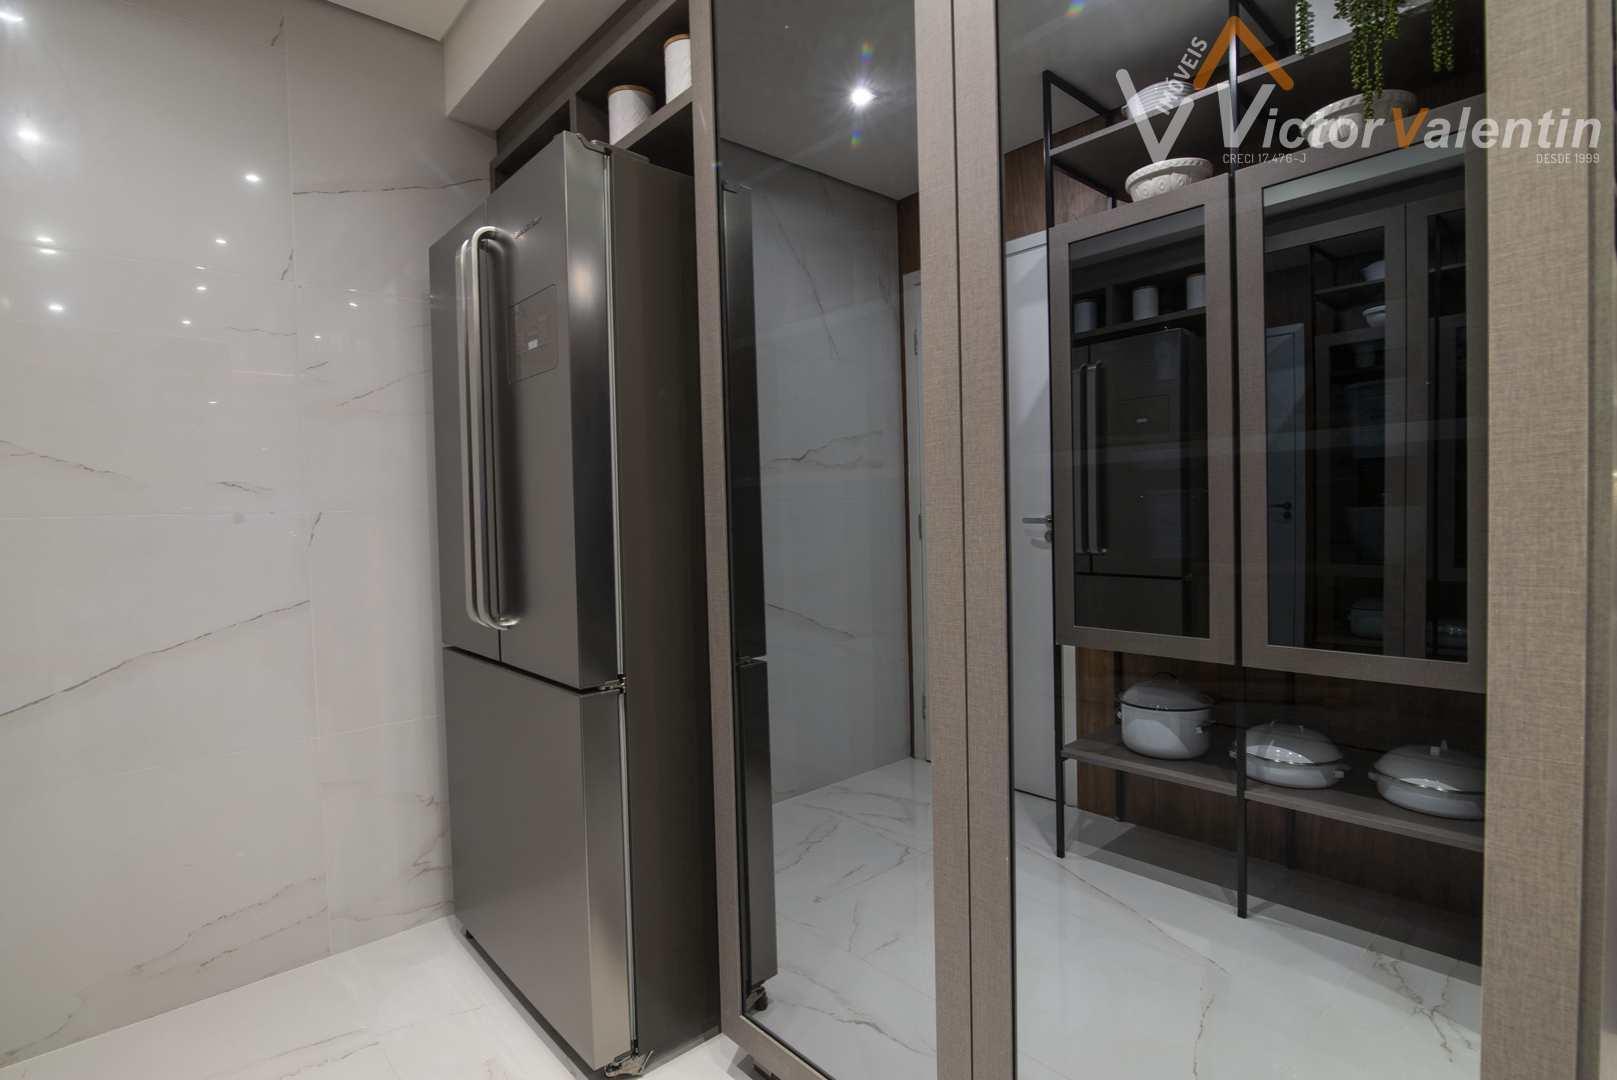 Lindo Apto em Moema - 1 á 3 dorms - 79 m²/163 m²